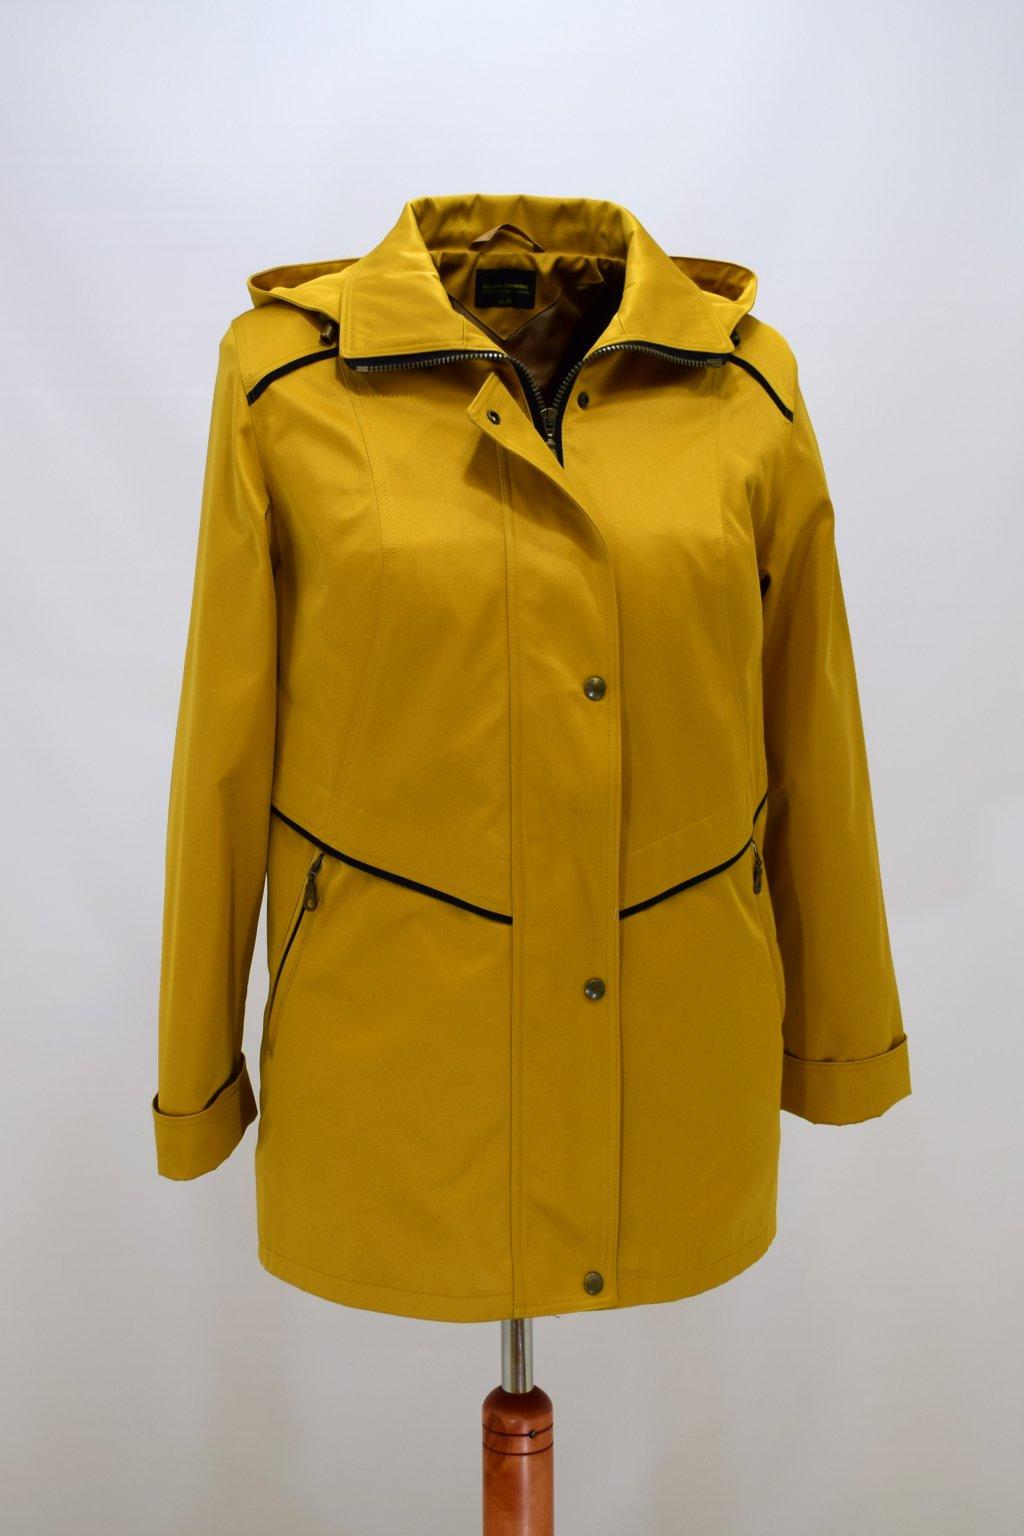 Dámská žlutá jarní bunda Edita nadměrné velikosti.